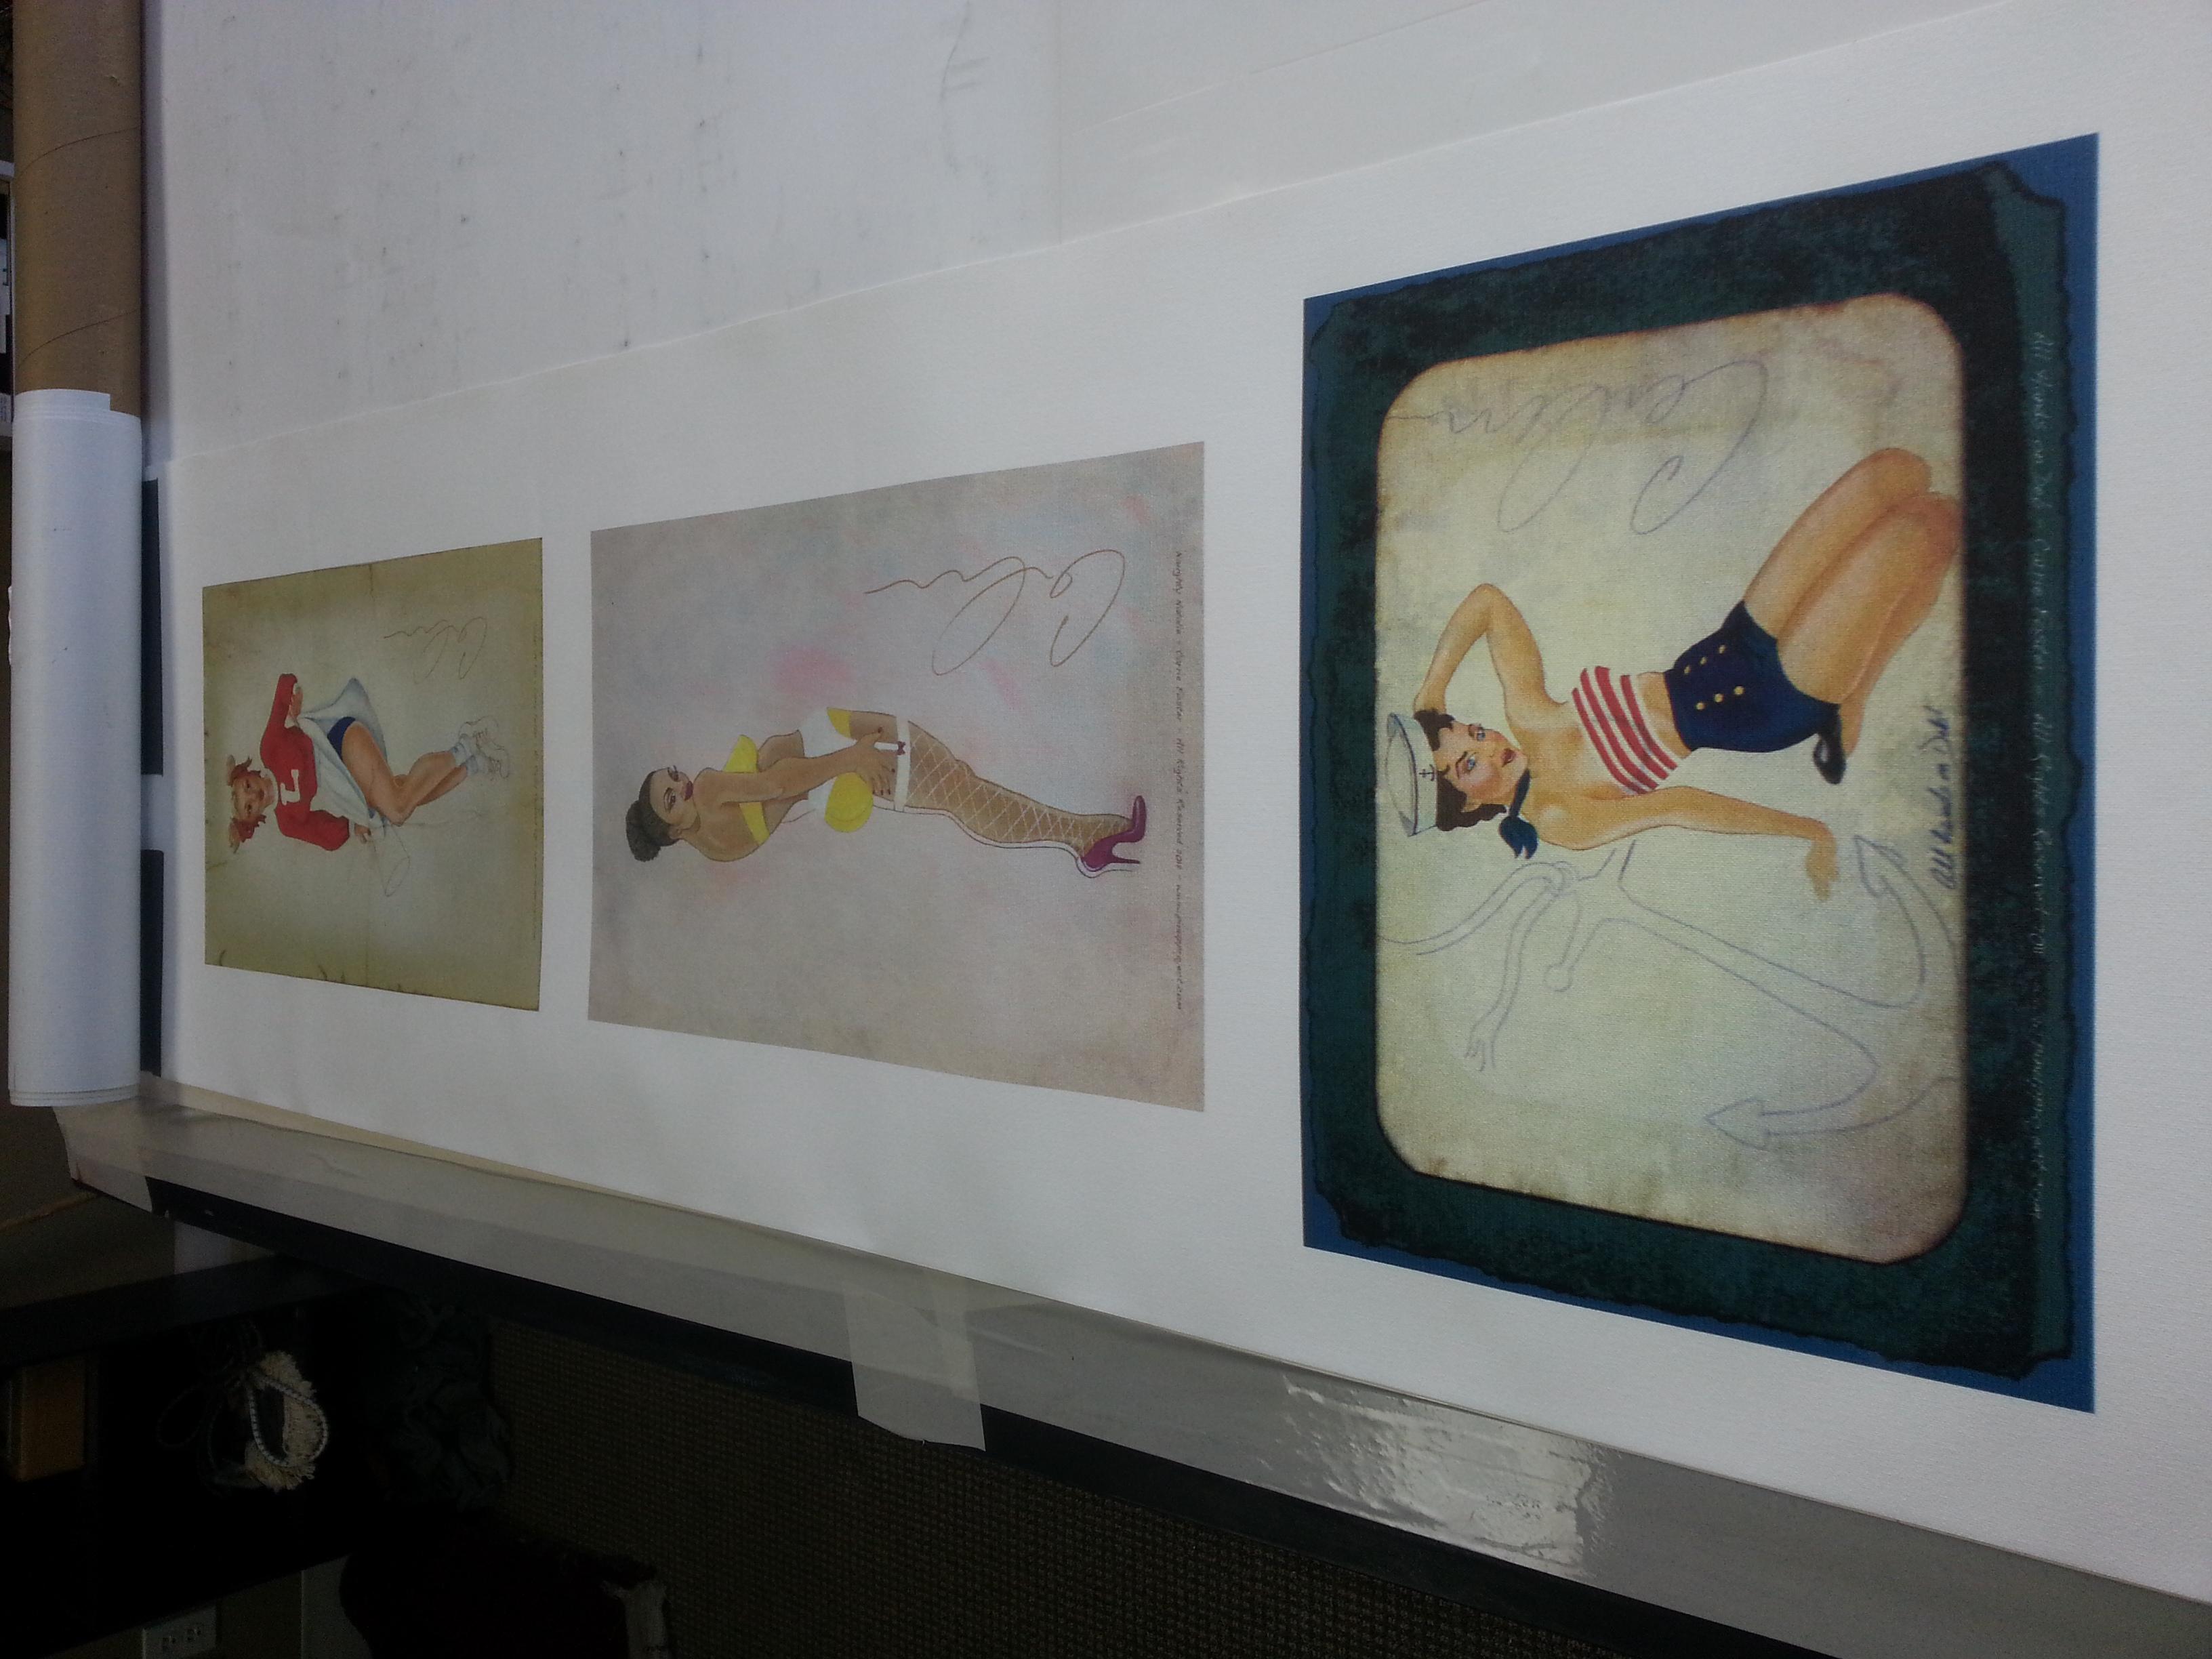 otherprintservices- painters canvas portrait reproductions.jpg